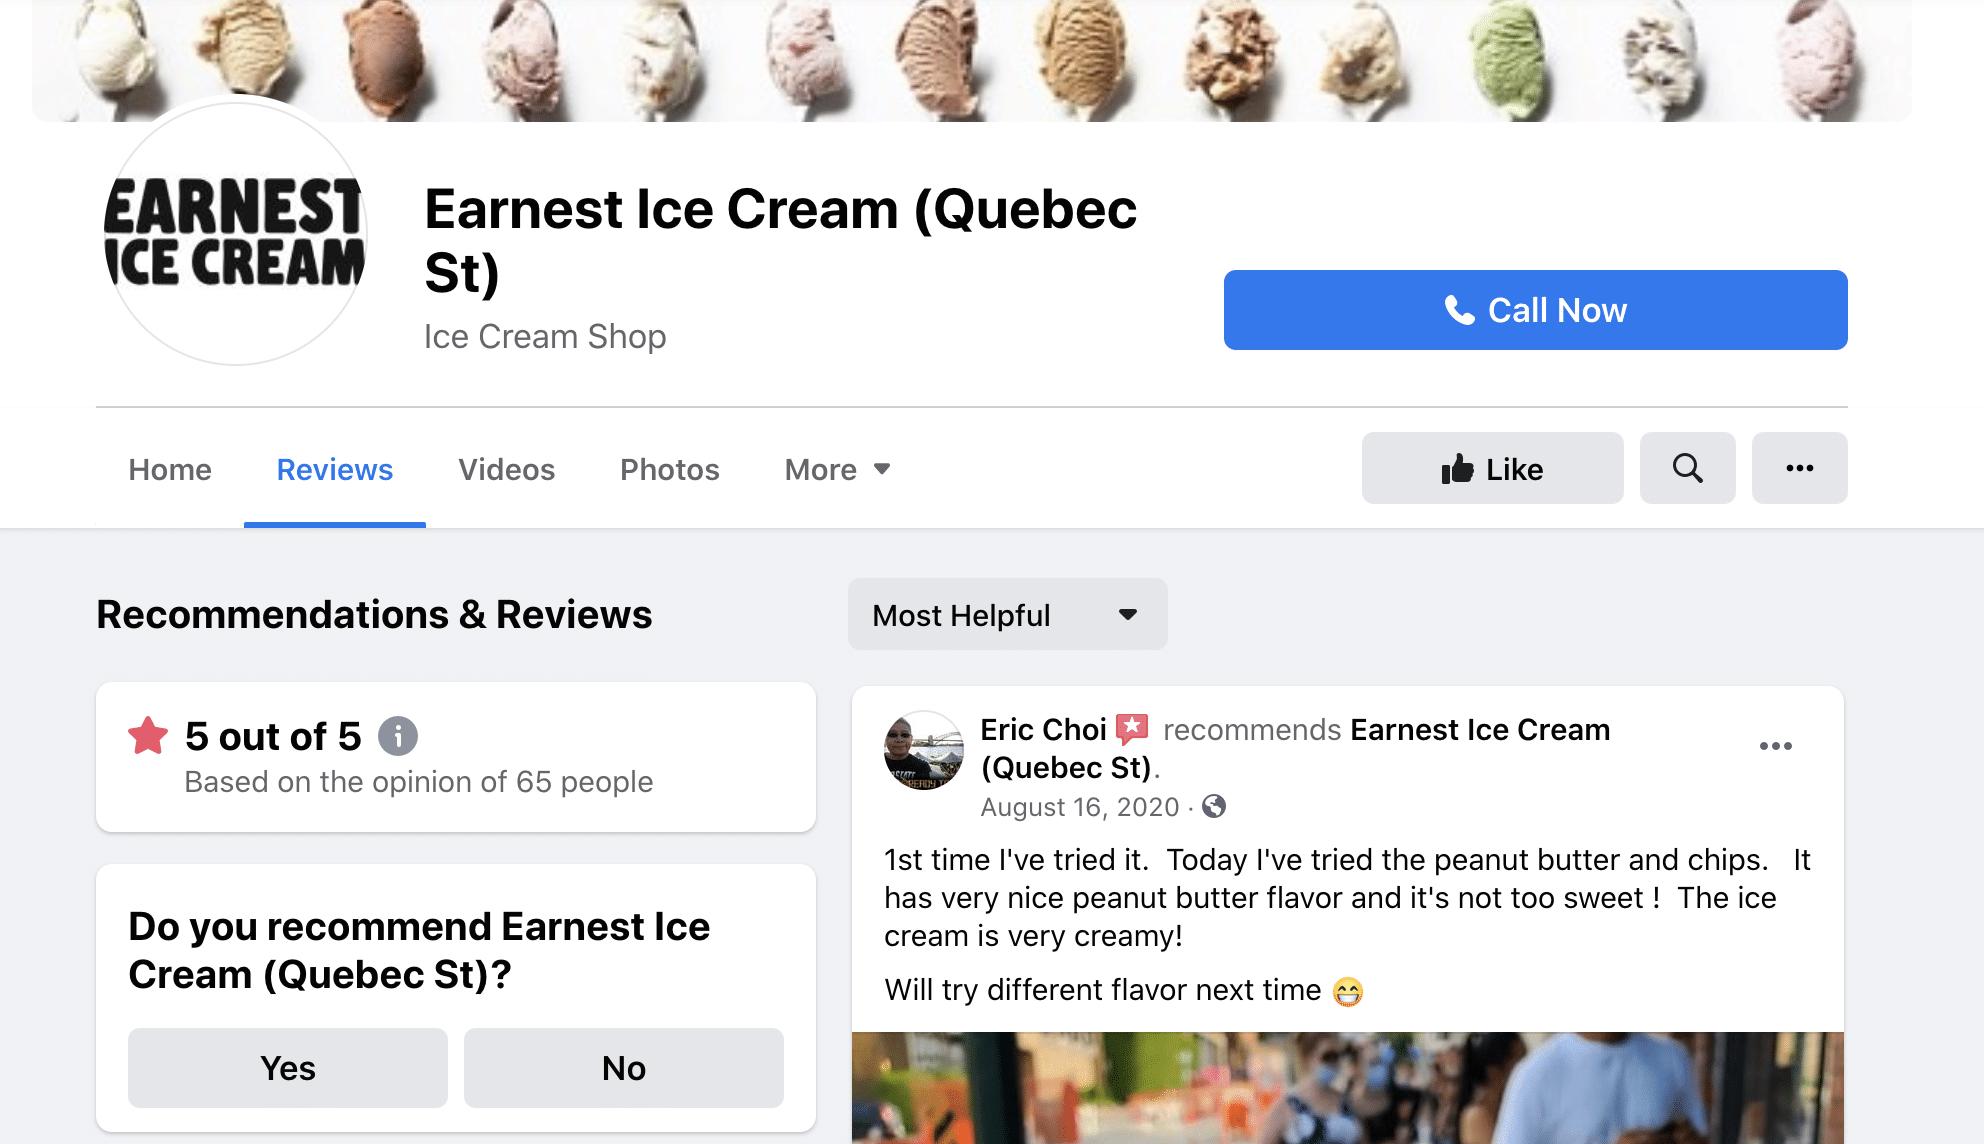 Отзывы клиентов Earnest Ice Cream